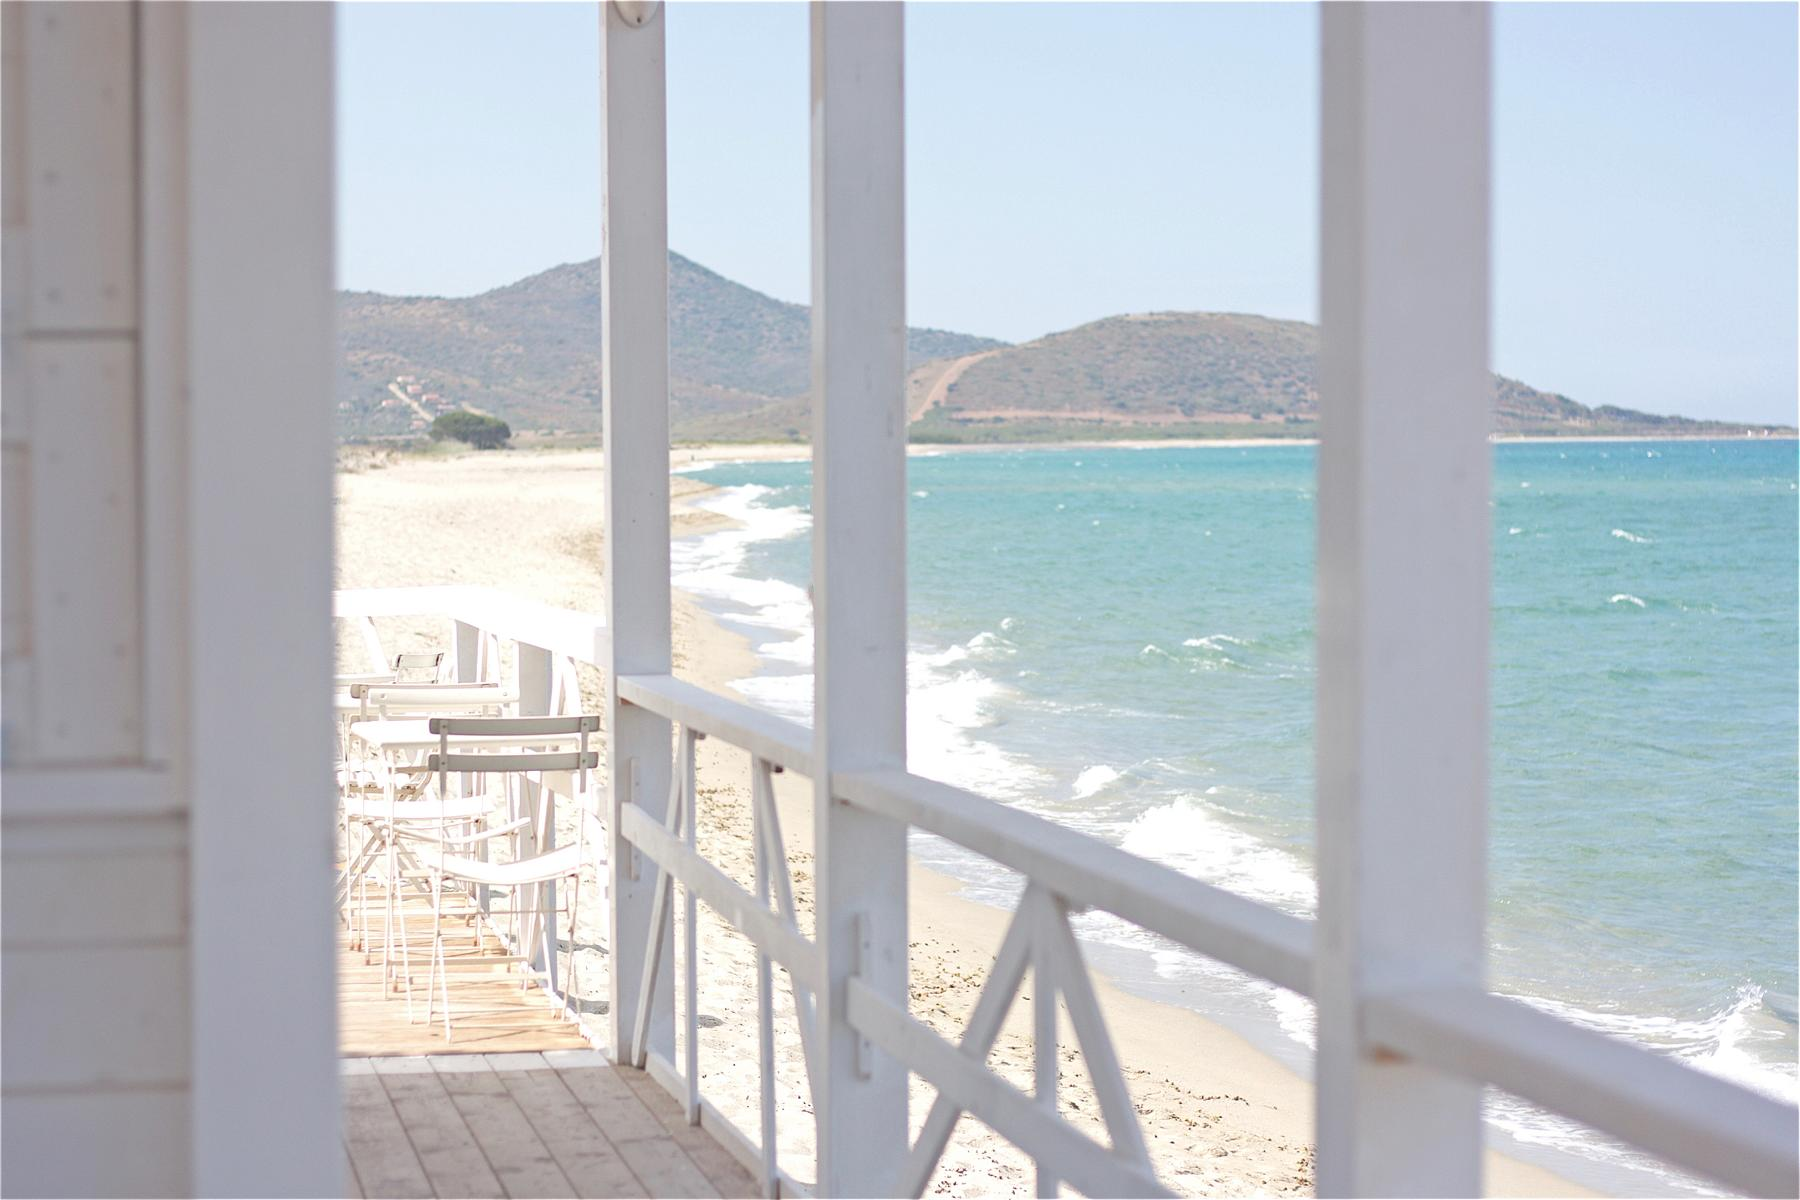 passage-6-posada-veranda-strand